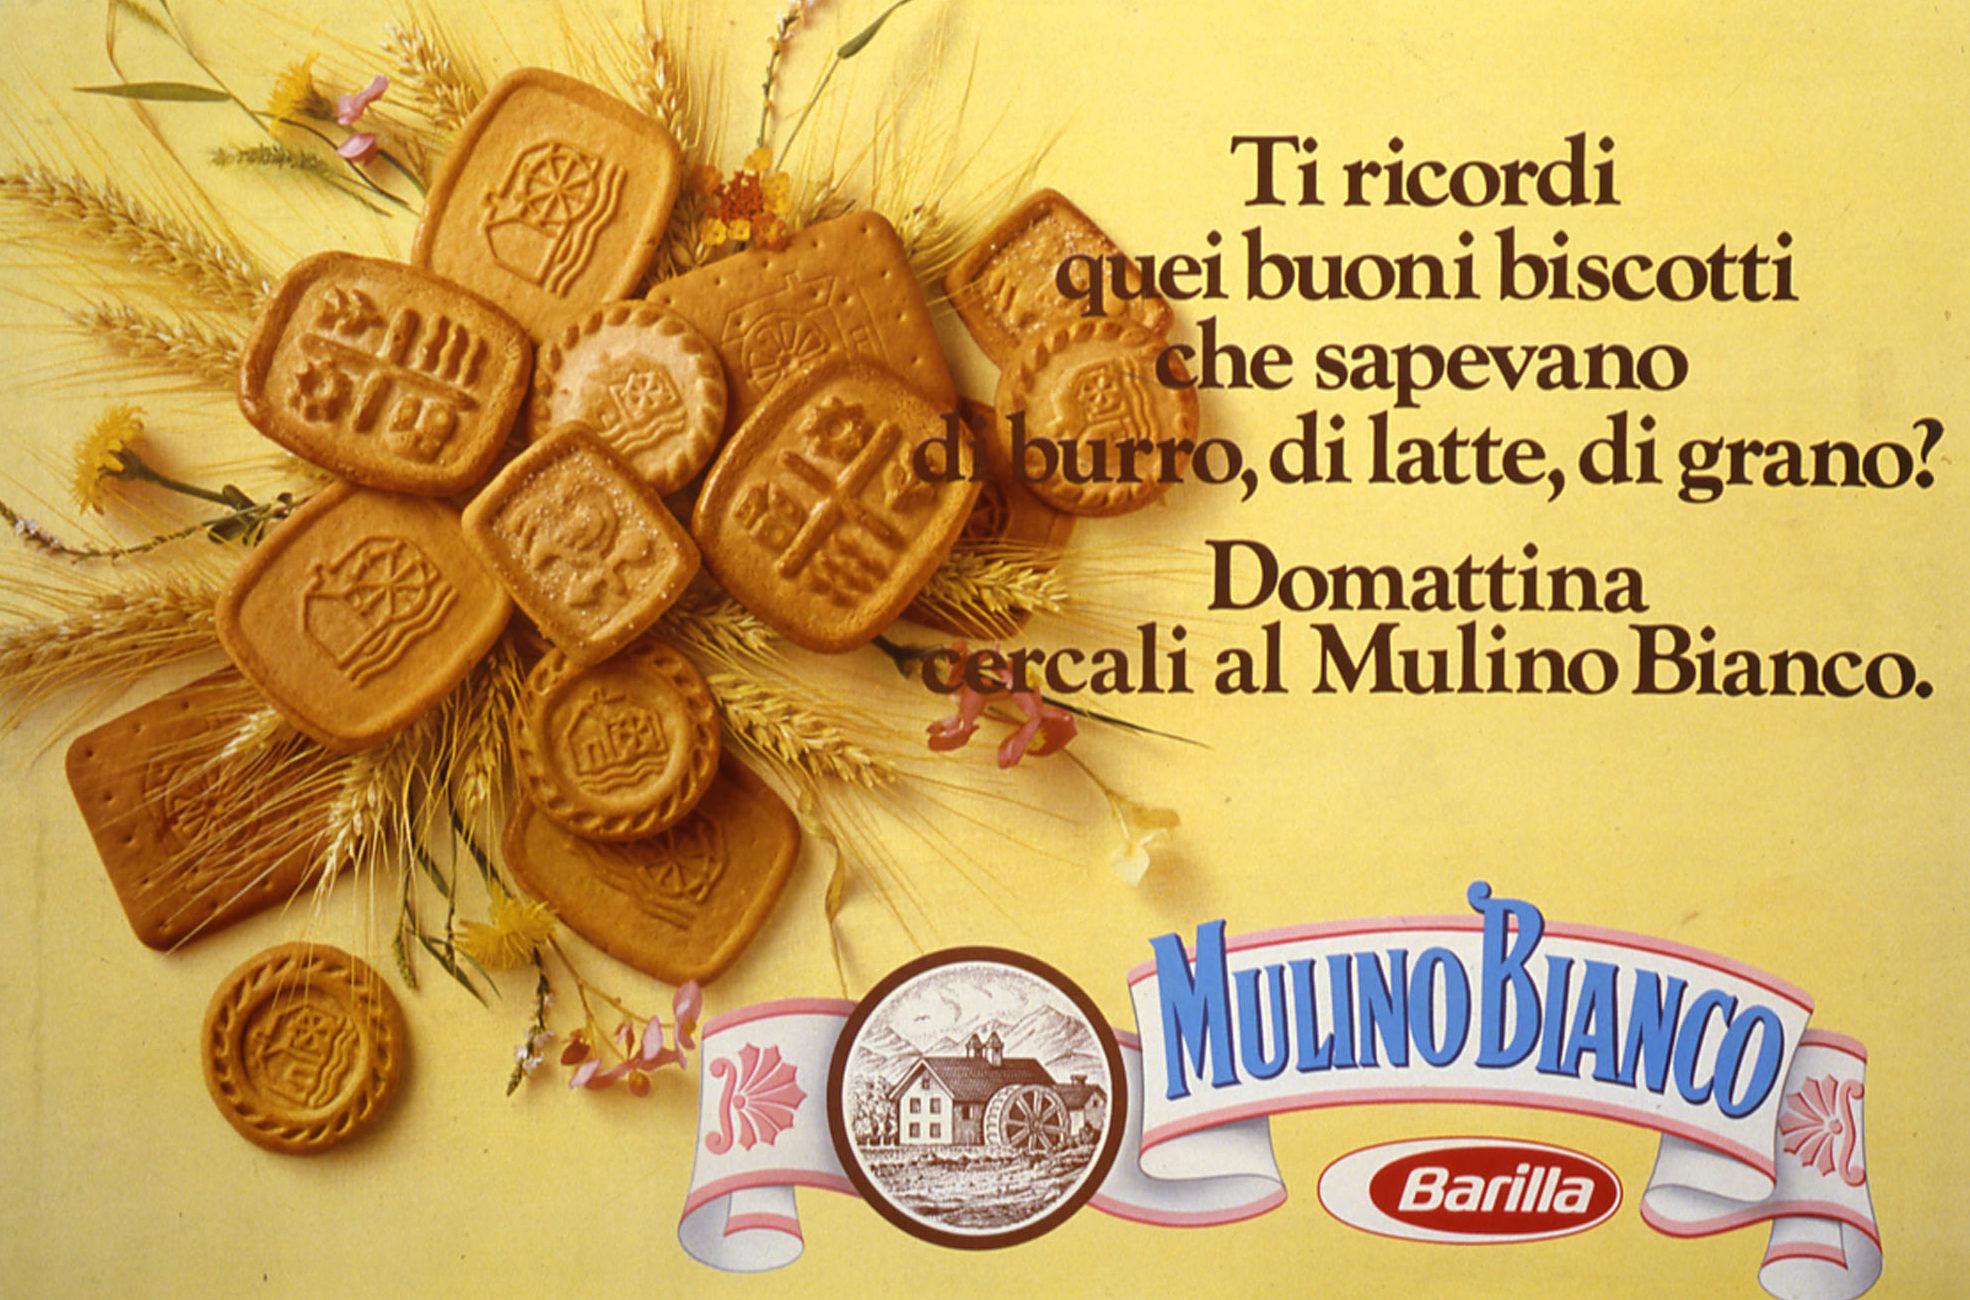 Poster of Mulino Bianco, 1976